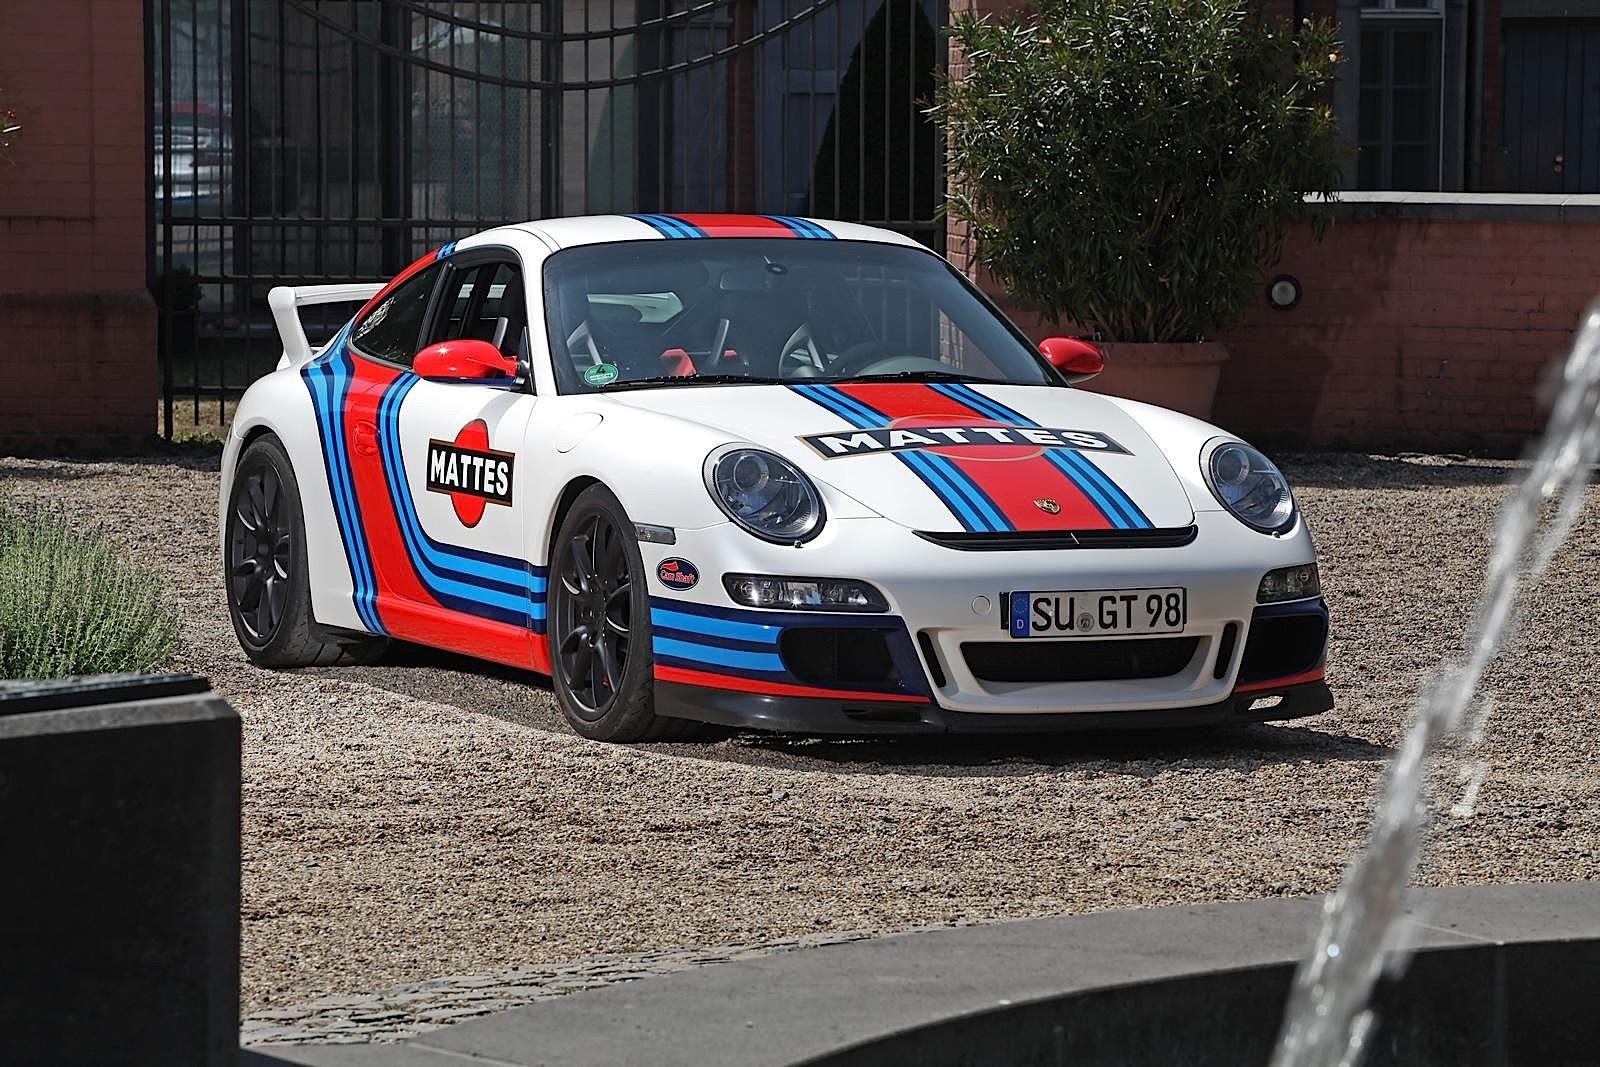 German Car Wallpaper Porsche 911 Gt3 997 Gets Martini Livery Via Cam Shaft